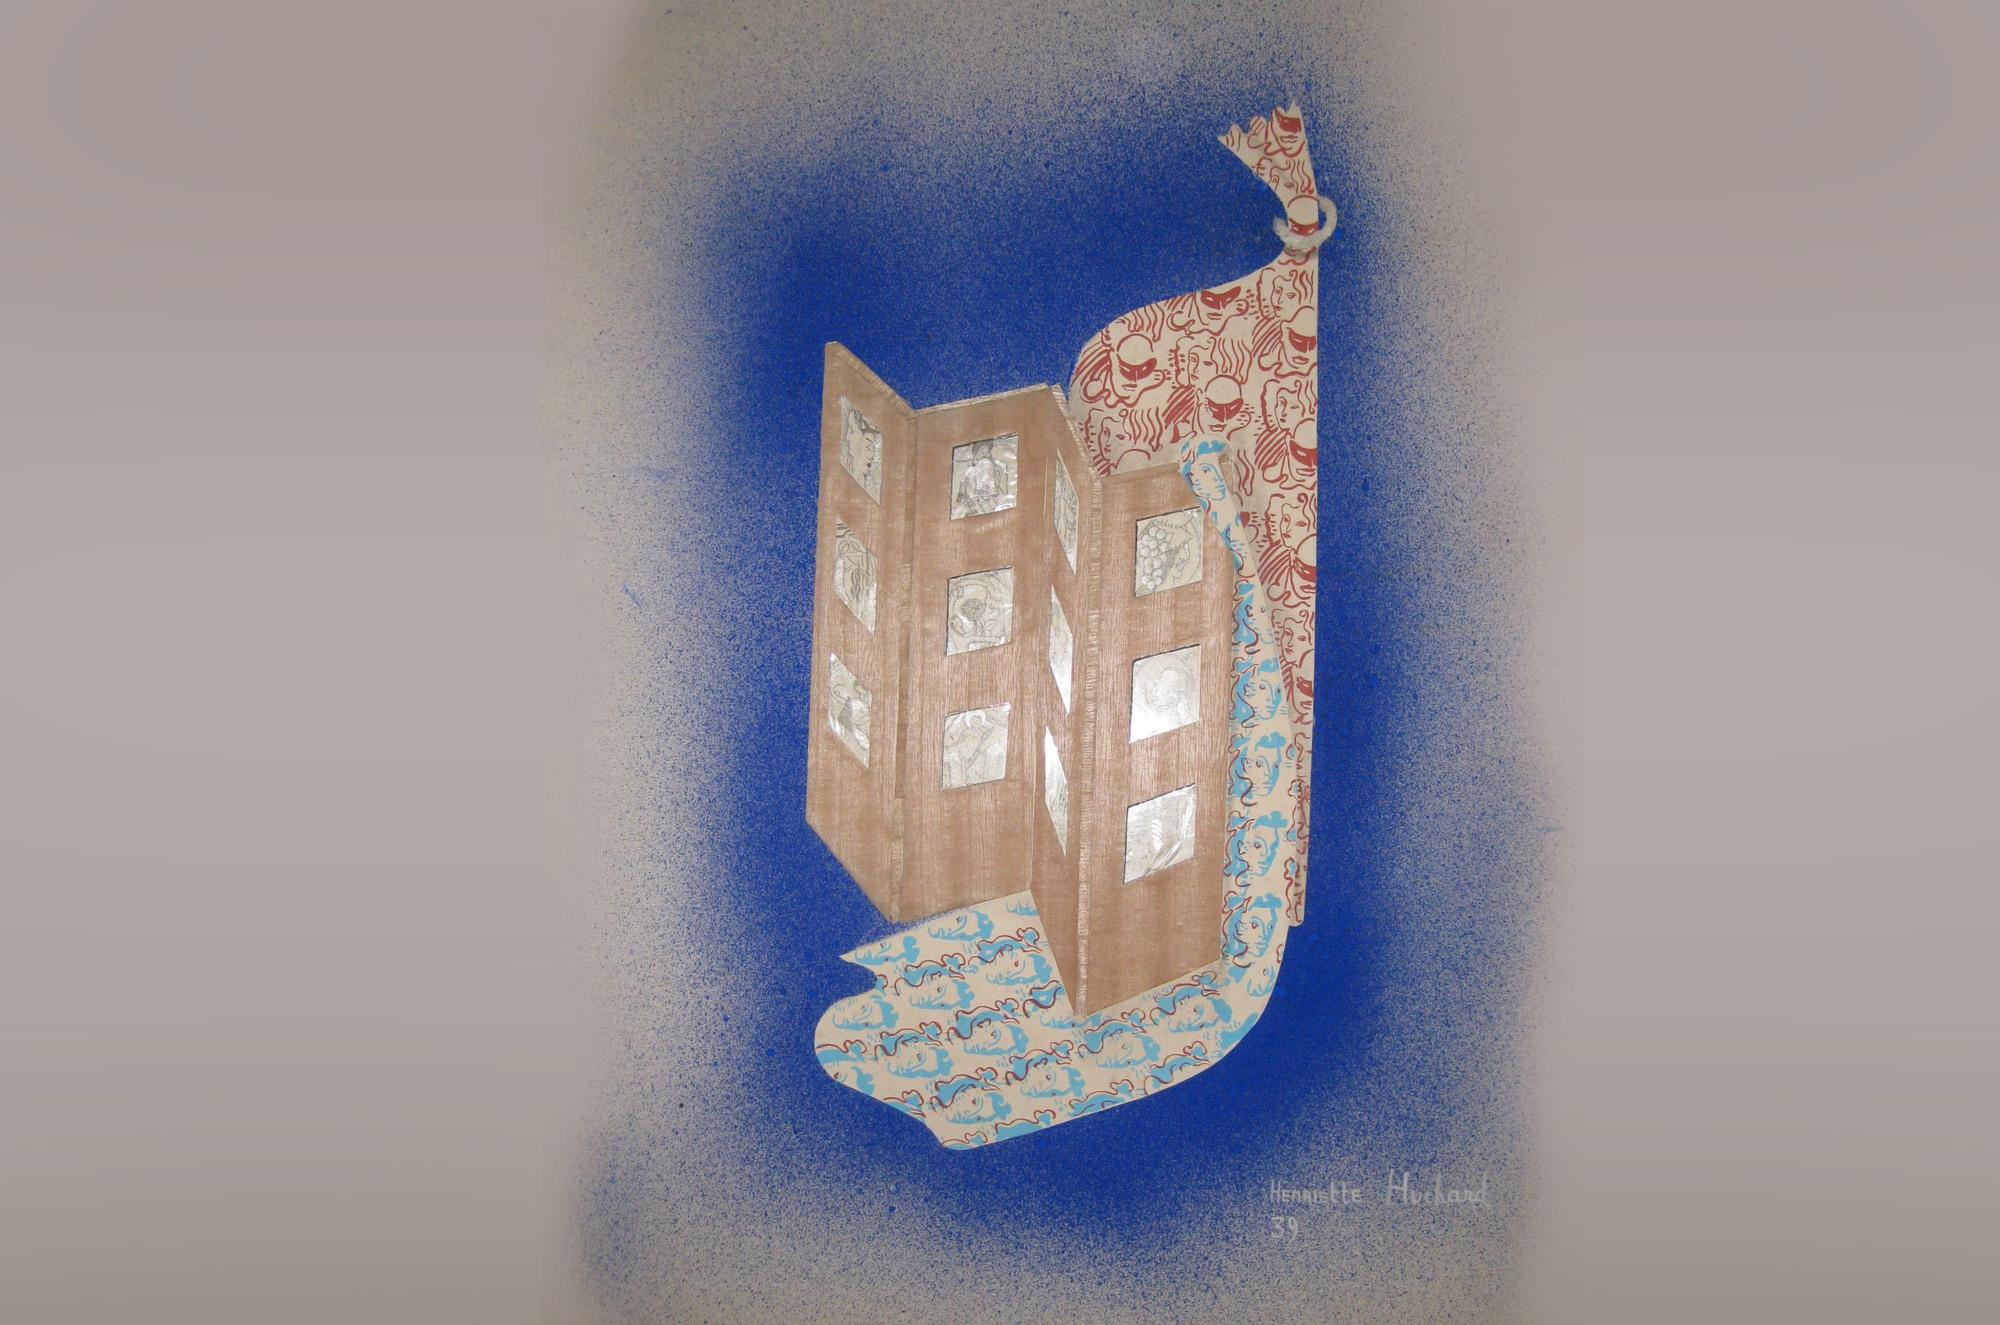 Paravent en sycomore et verre gravé 1939 - Huchard